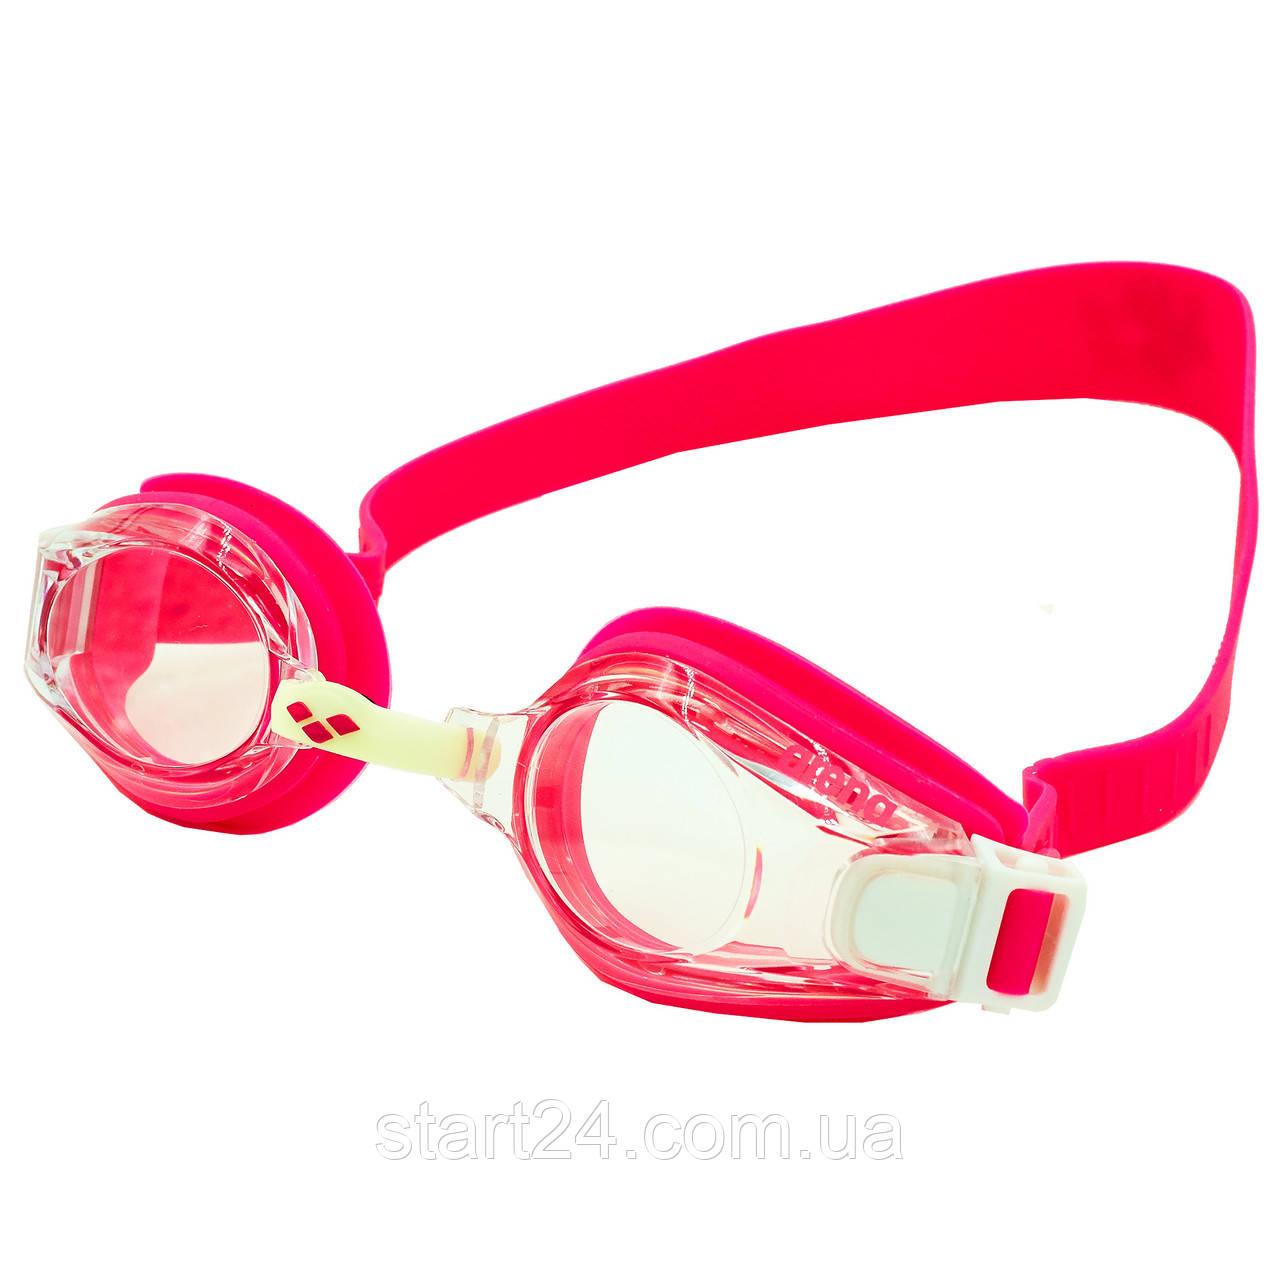 Очки для плавания детские ARENA MULTI JUNIOR 2 WORLD AR-92277-20 (поликарбонат, термопластичная резина,